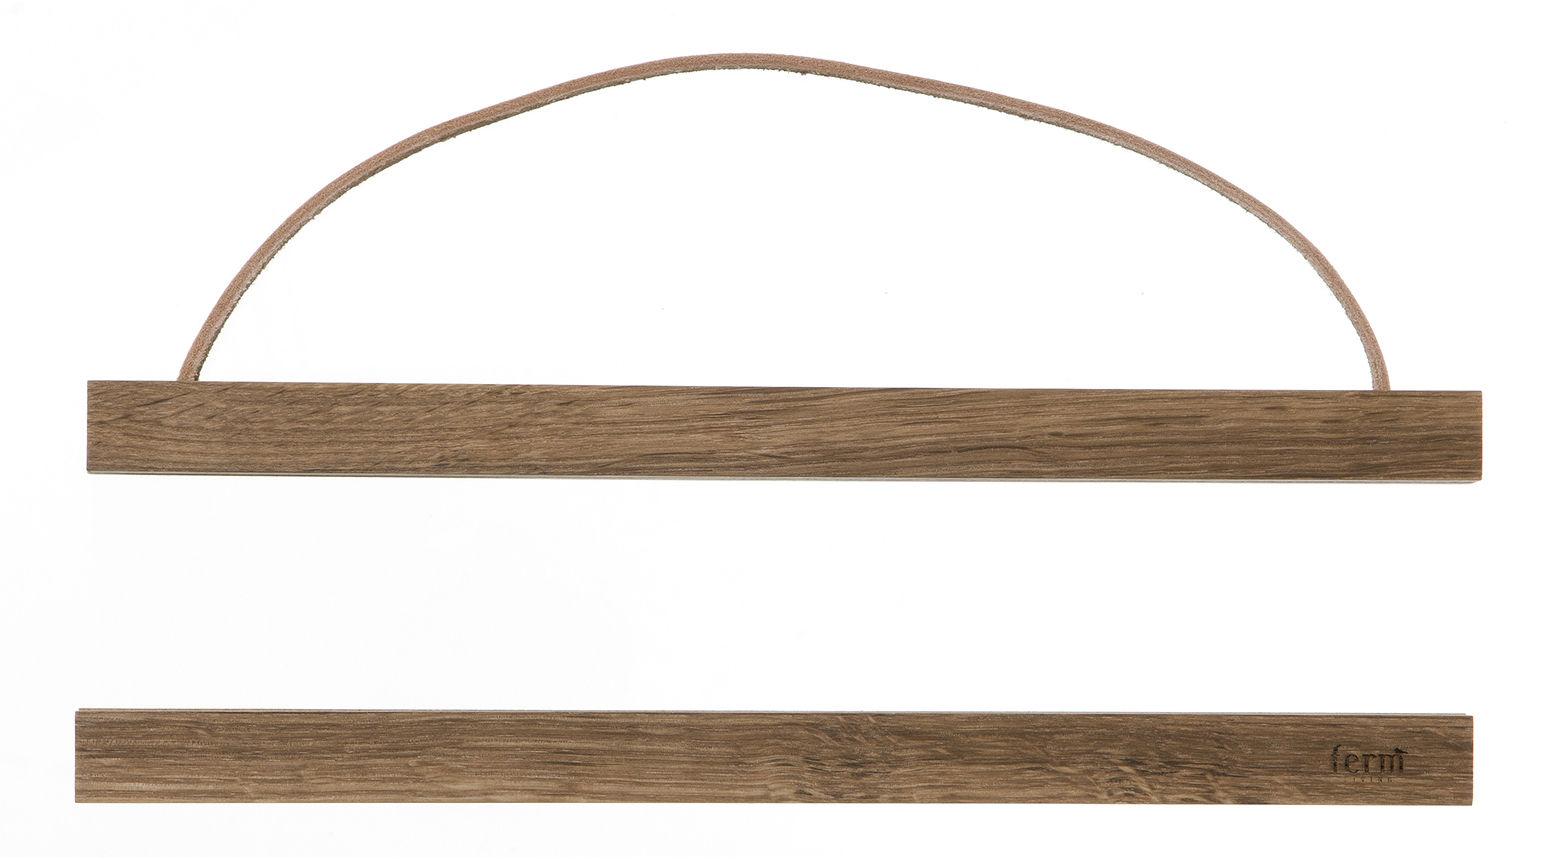 Déco - Objets déco et cadres-photos - Cadre-photo Wooden Small / L 31 cm - Ferm Living - Chêne fumé - Chêne fumé, Cuir